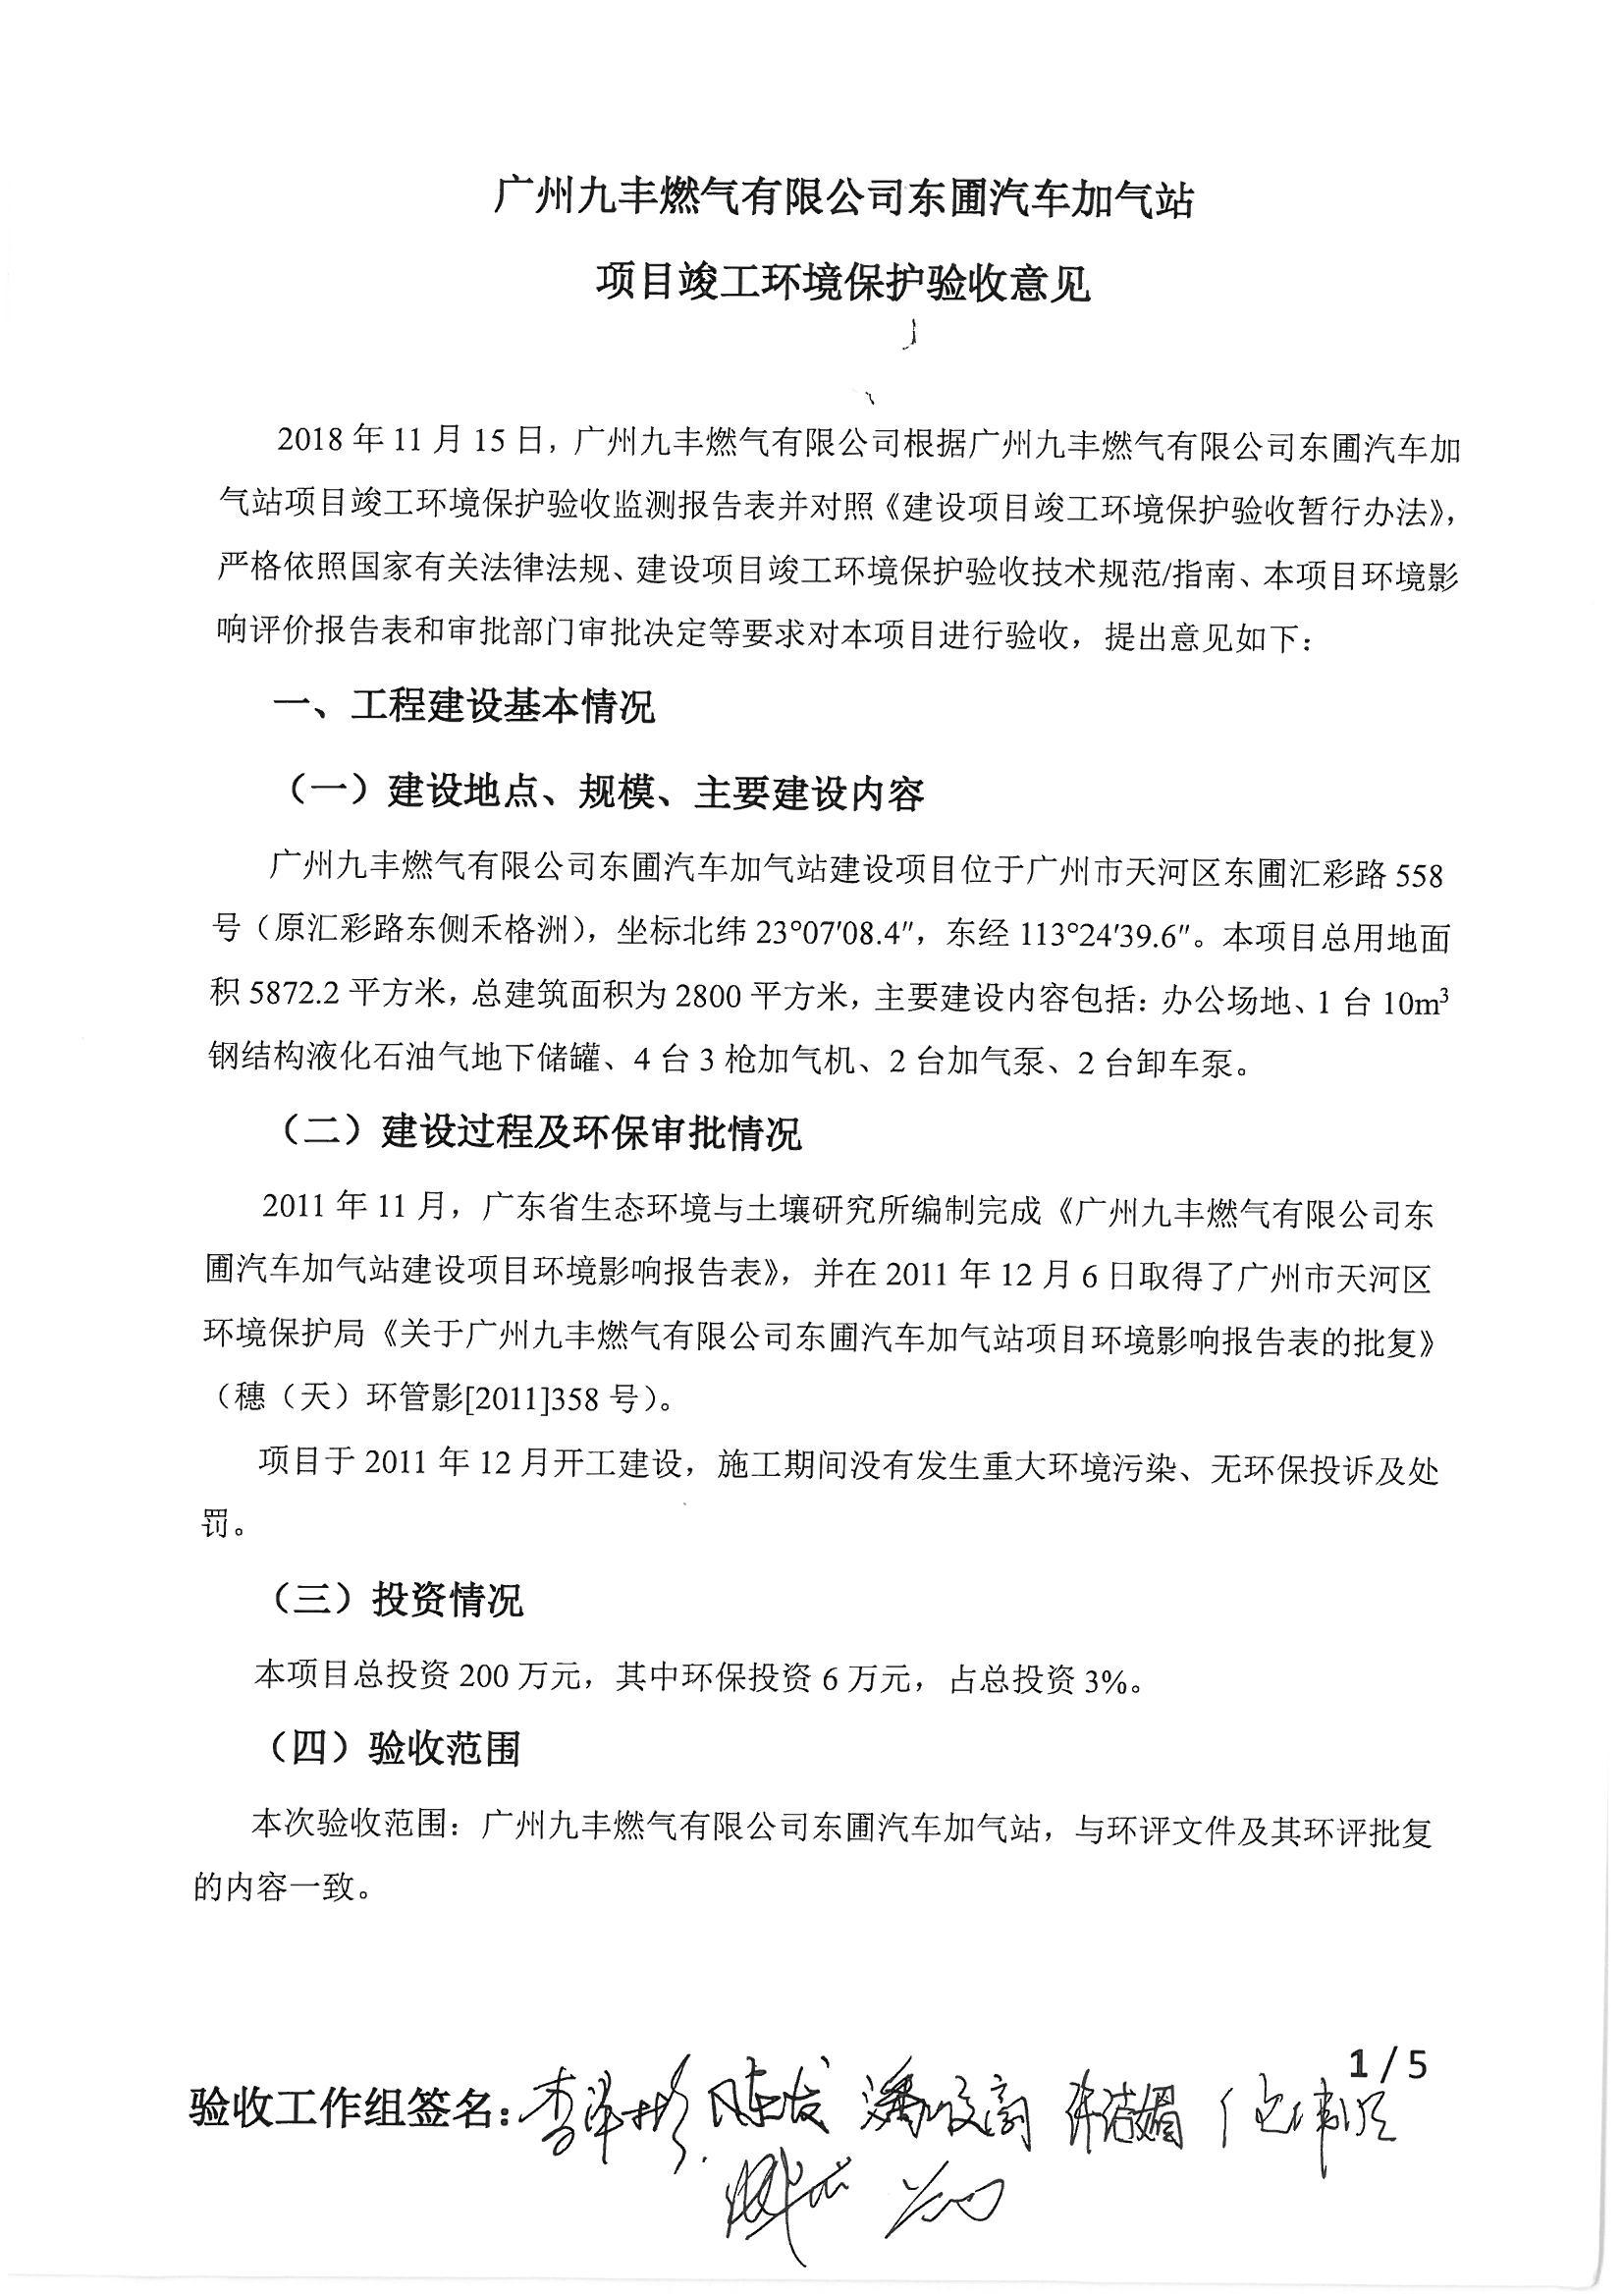 广州九丰燃气有限公司东圃汽车加气站项目竣工环境保护验收意见_页面_1